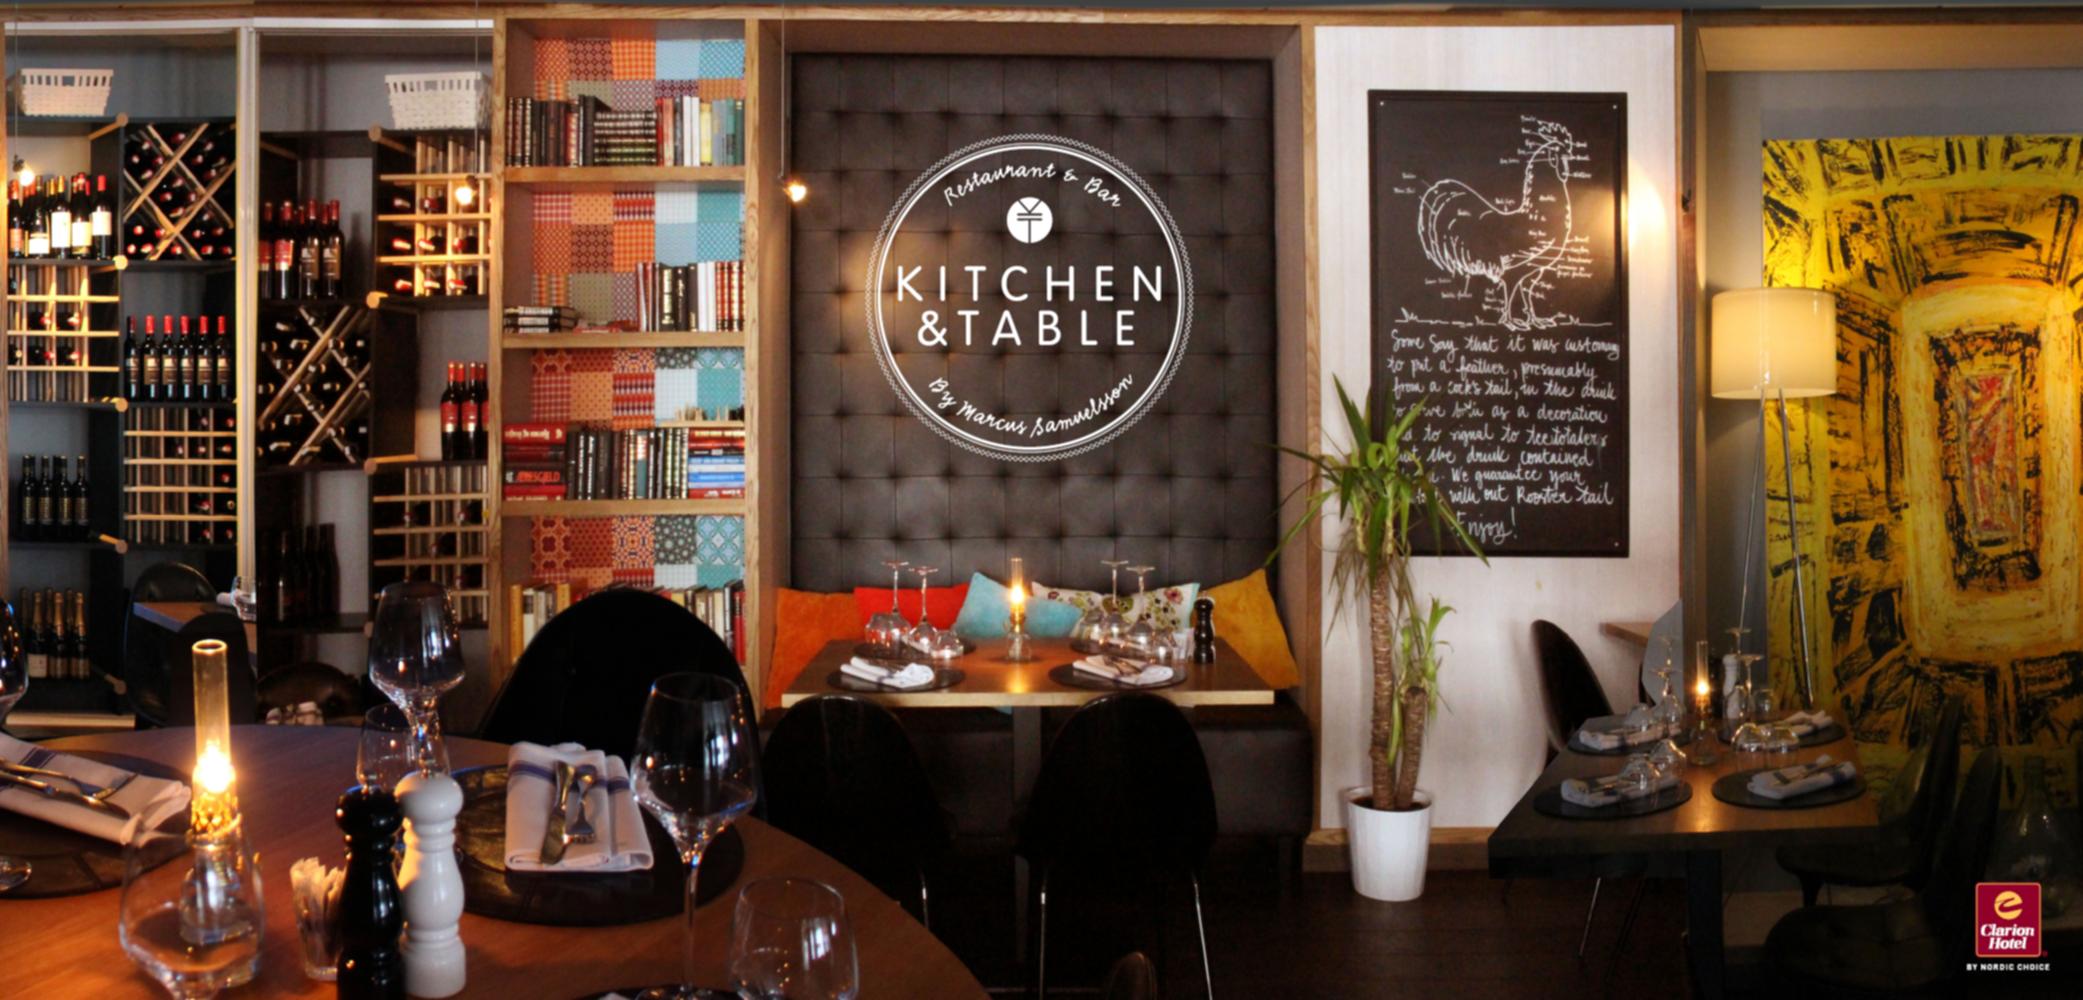 kitchen table helsinki helsinki menu reviews tableonline fi rh tableonline fi kitchen and table malmoe kitchen and table malmoe live